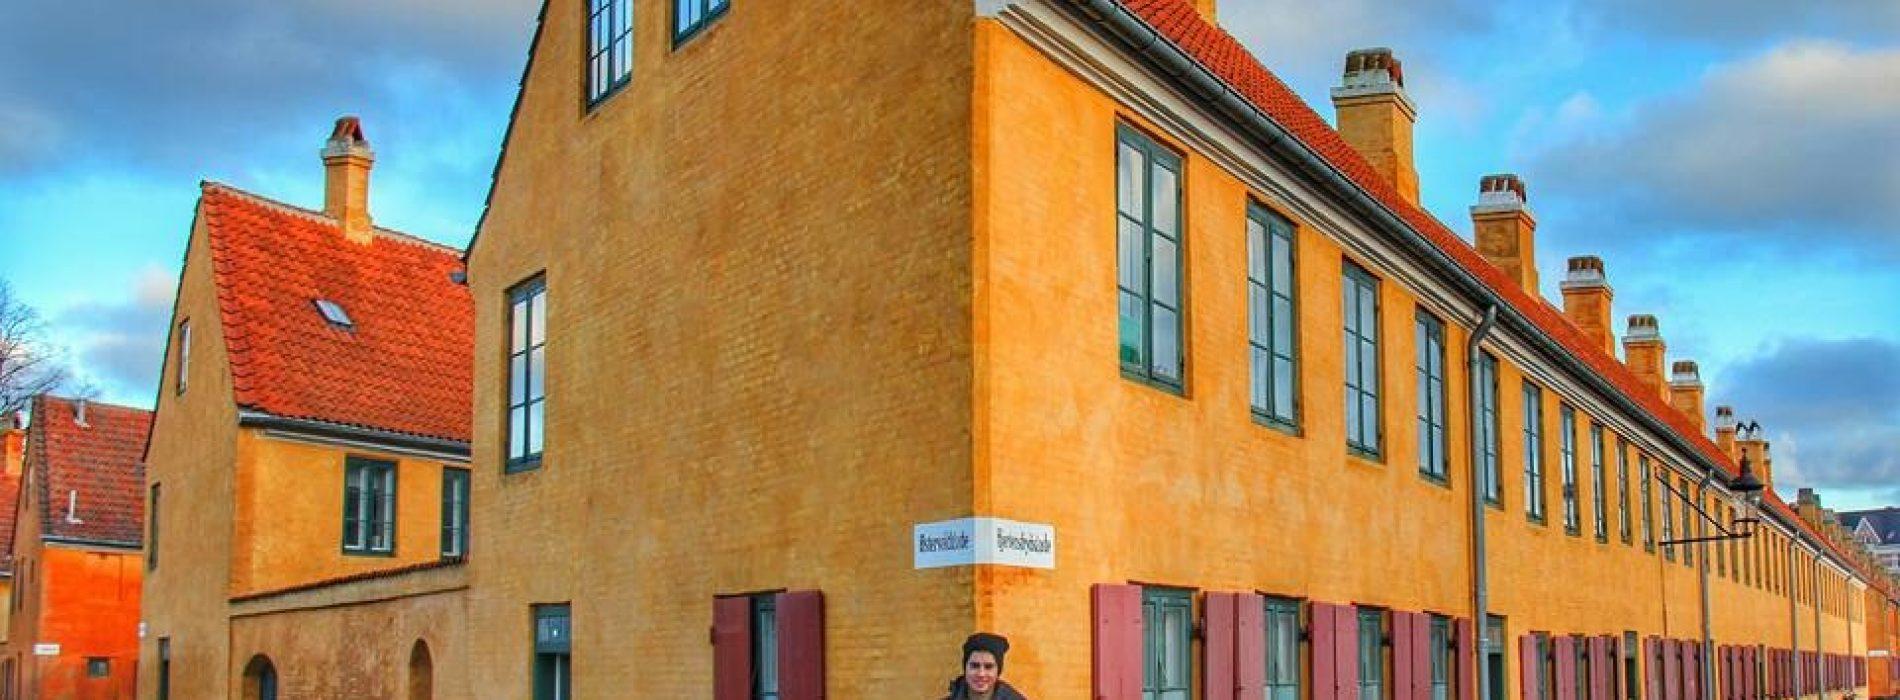 Neden Kopenhag Gezilmeli